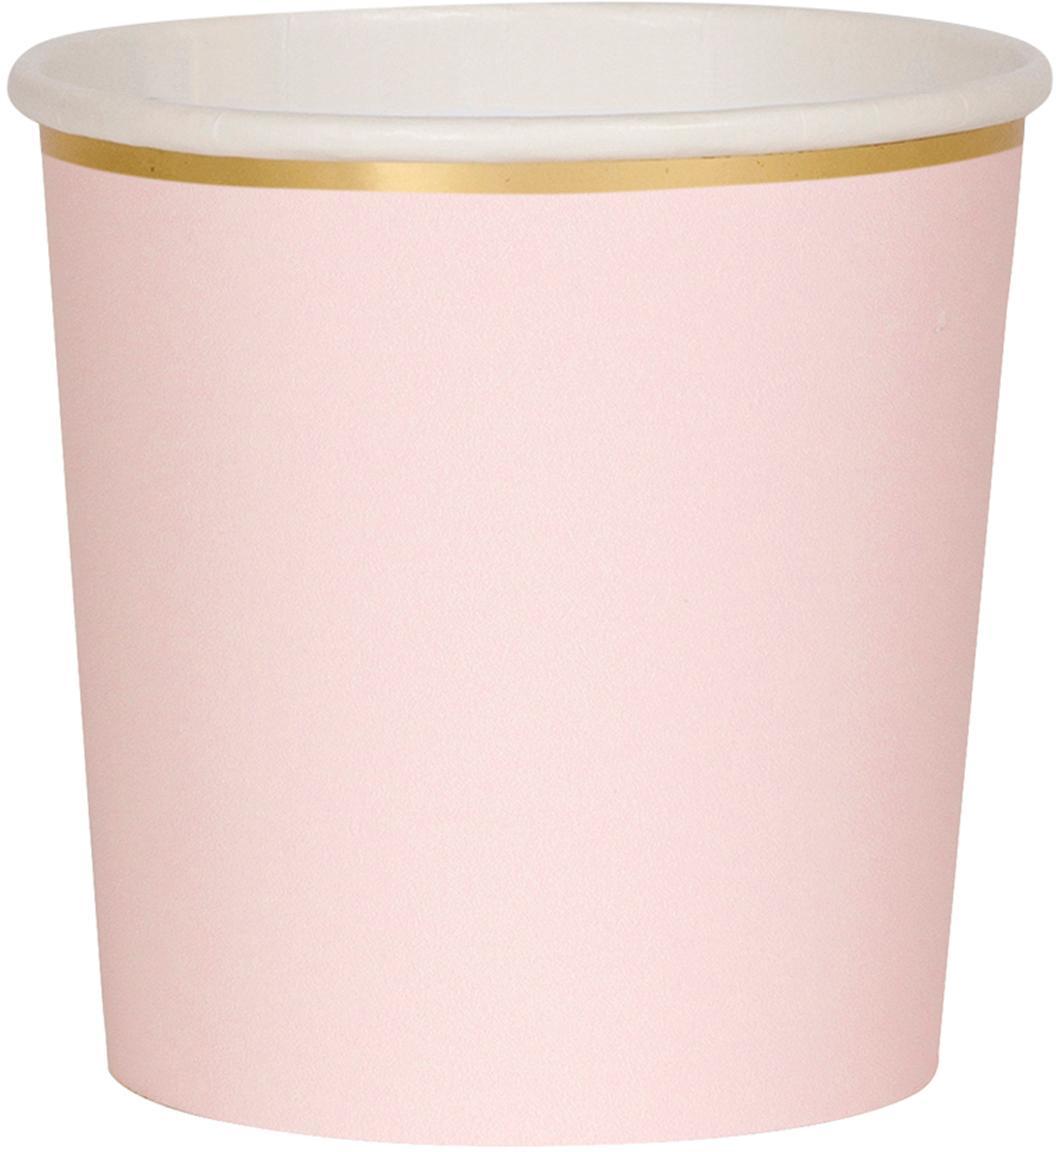 Papier-Becher Simply Eco, 8 Stück, Papier, foliert, Rosa, Ø 8 x H 8 cm